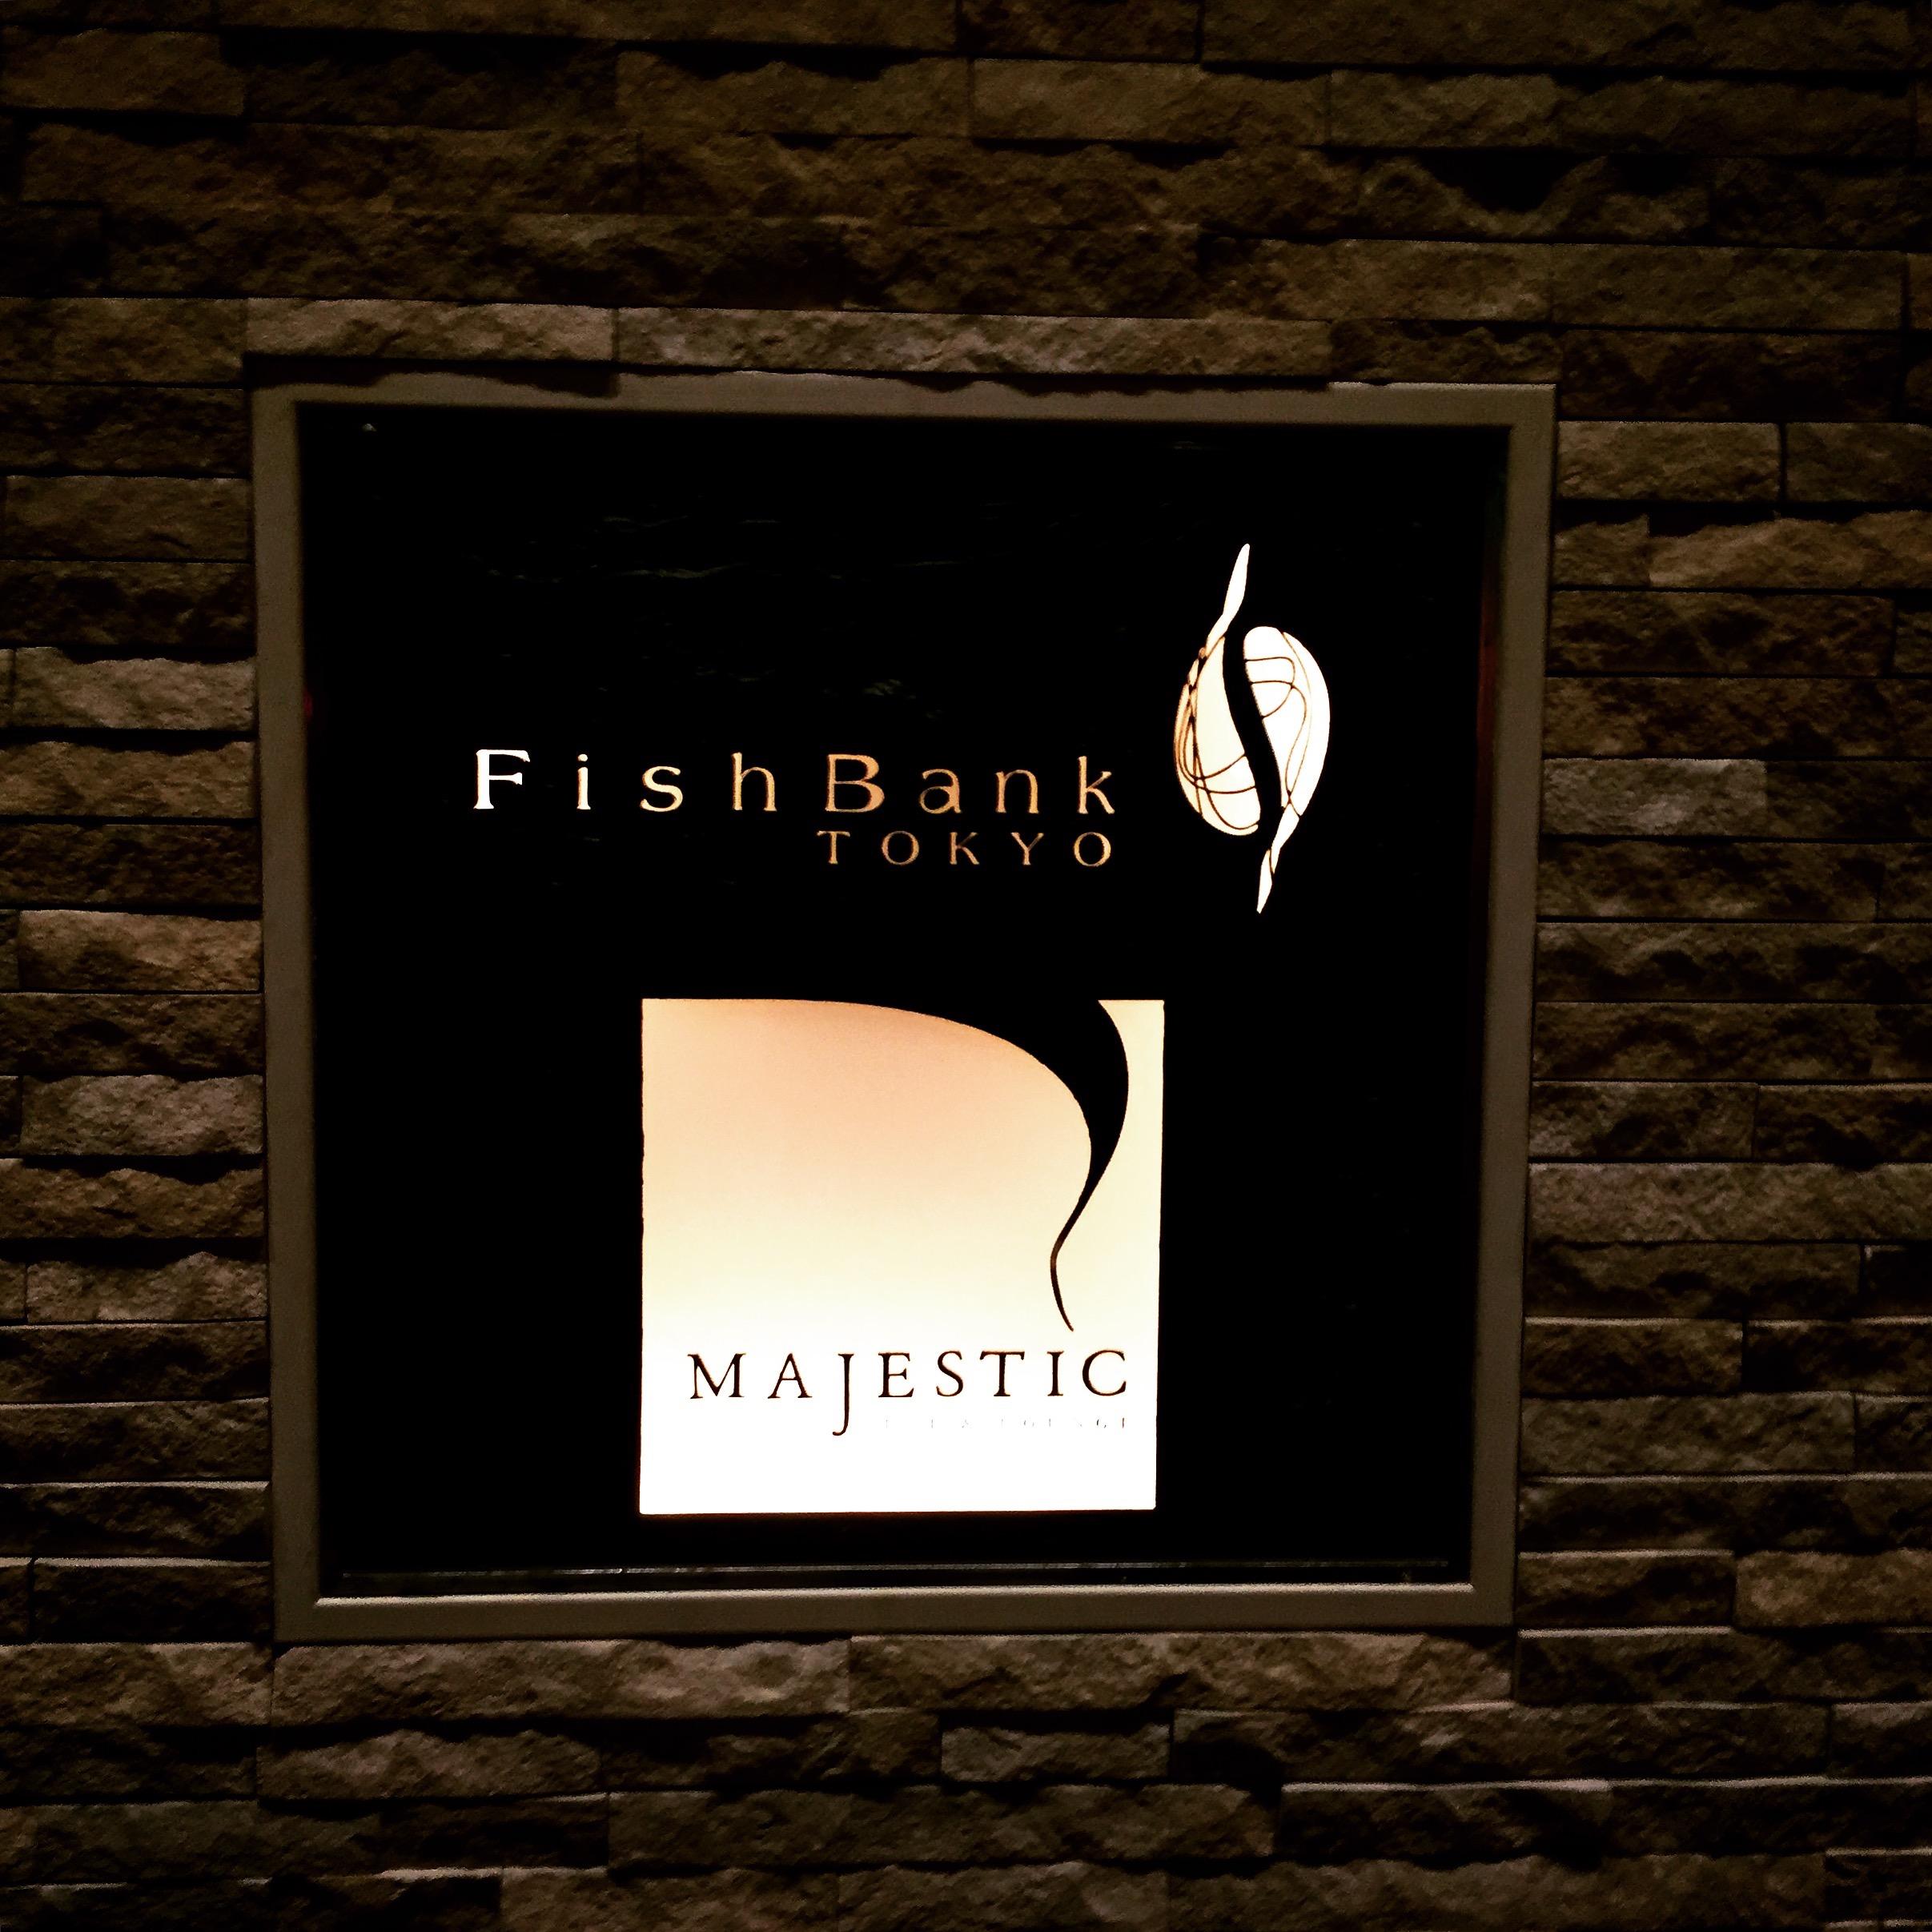 【東京で夜景最高のレストラン✨】記念日・誕生日にも最適なFish bank Tokyoで豪華ディナー✨